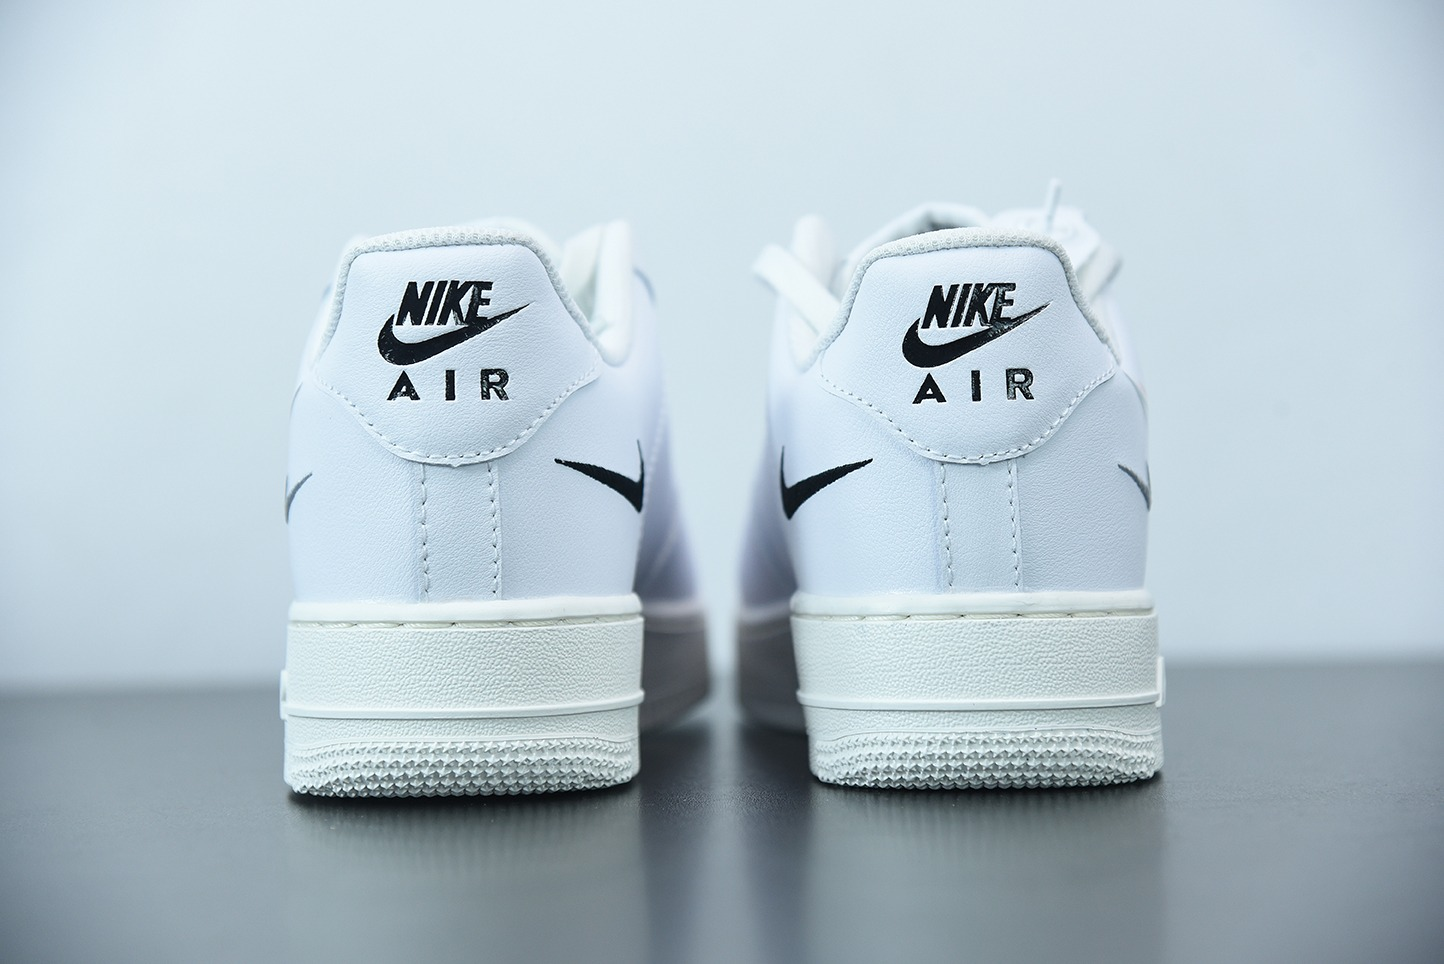 耐克Nike Air Force 1 LowMulti Swoosh白多彩勾全白鞋面空军一号低帮百搭休闲运动板鞋纯原版本 货号:DM9096-100